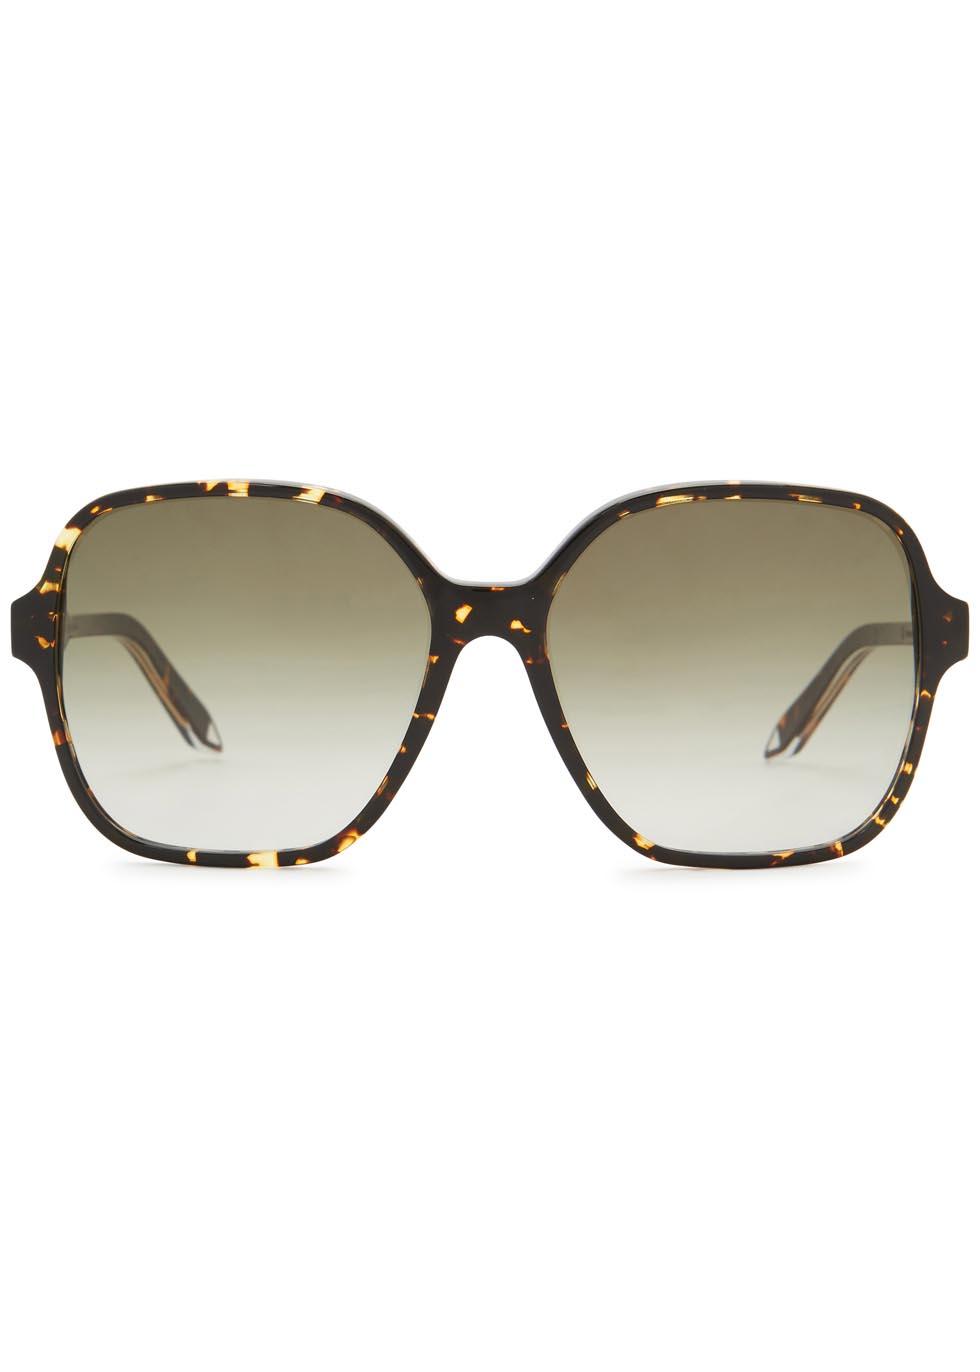 Iconic Square tortoiseshell sunglasses - Victoria Beckham